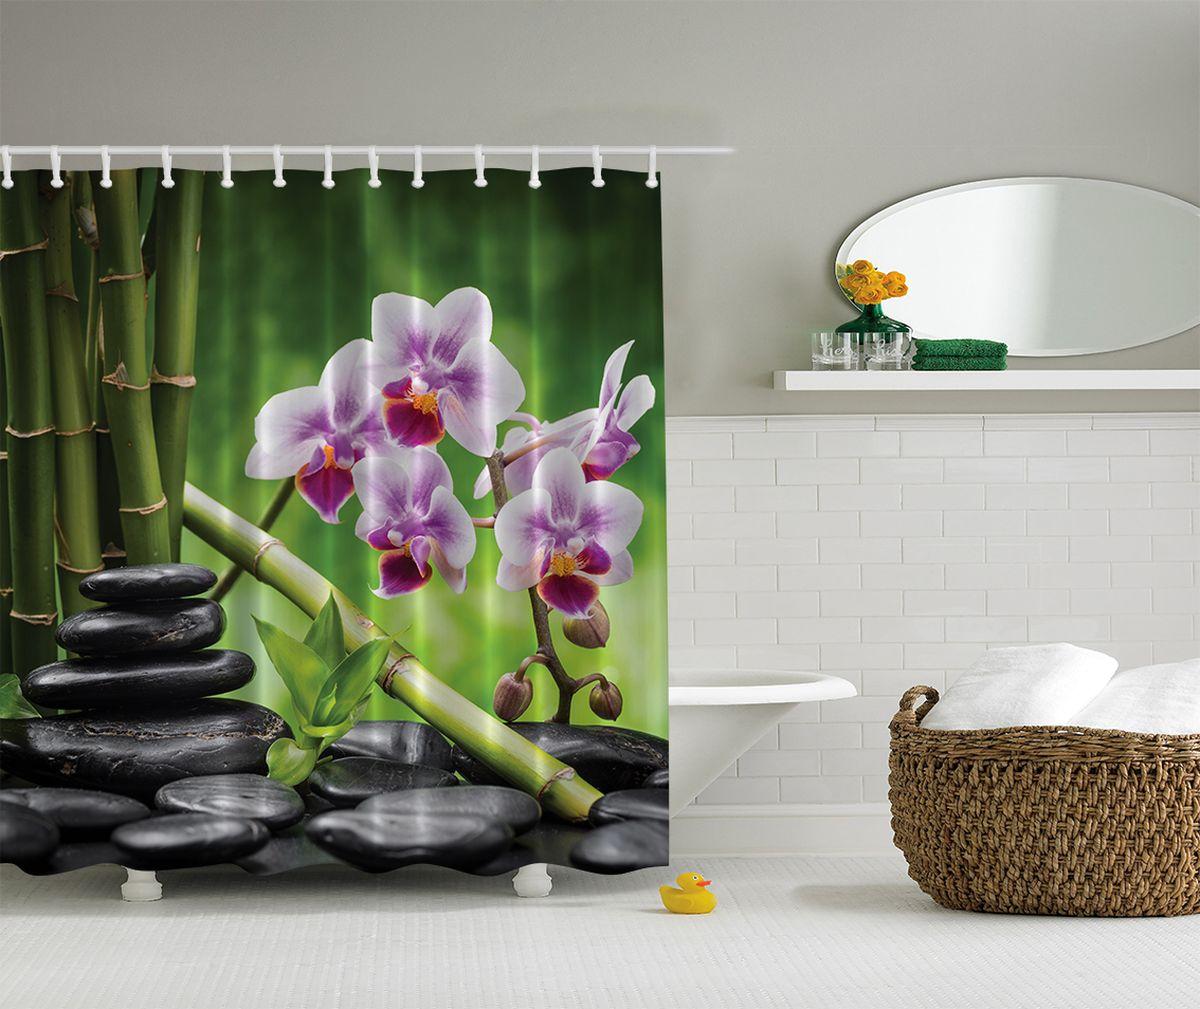 Штора для ванной комнаты Magic Lady Стиль Фен-шуй, 180 х 200 смшв_2388Штора Magic Lady Стиль Фен-шуй, изготовленная из высококачественного сатена (полиэстер 100%), отлично дополнит любой интерьер ванной комнаты. При изготовлении используются специальные гипоаллергенные чернила для прямой печати по ткани, безопасные для человека.В комплекте: 1 штора, 12 крючков. Обращаем ваше внимание, фактический цвет изделия может незначительно отличаться от представленного на фото.